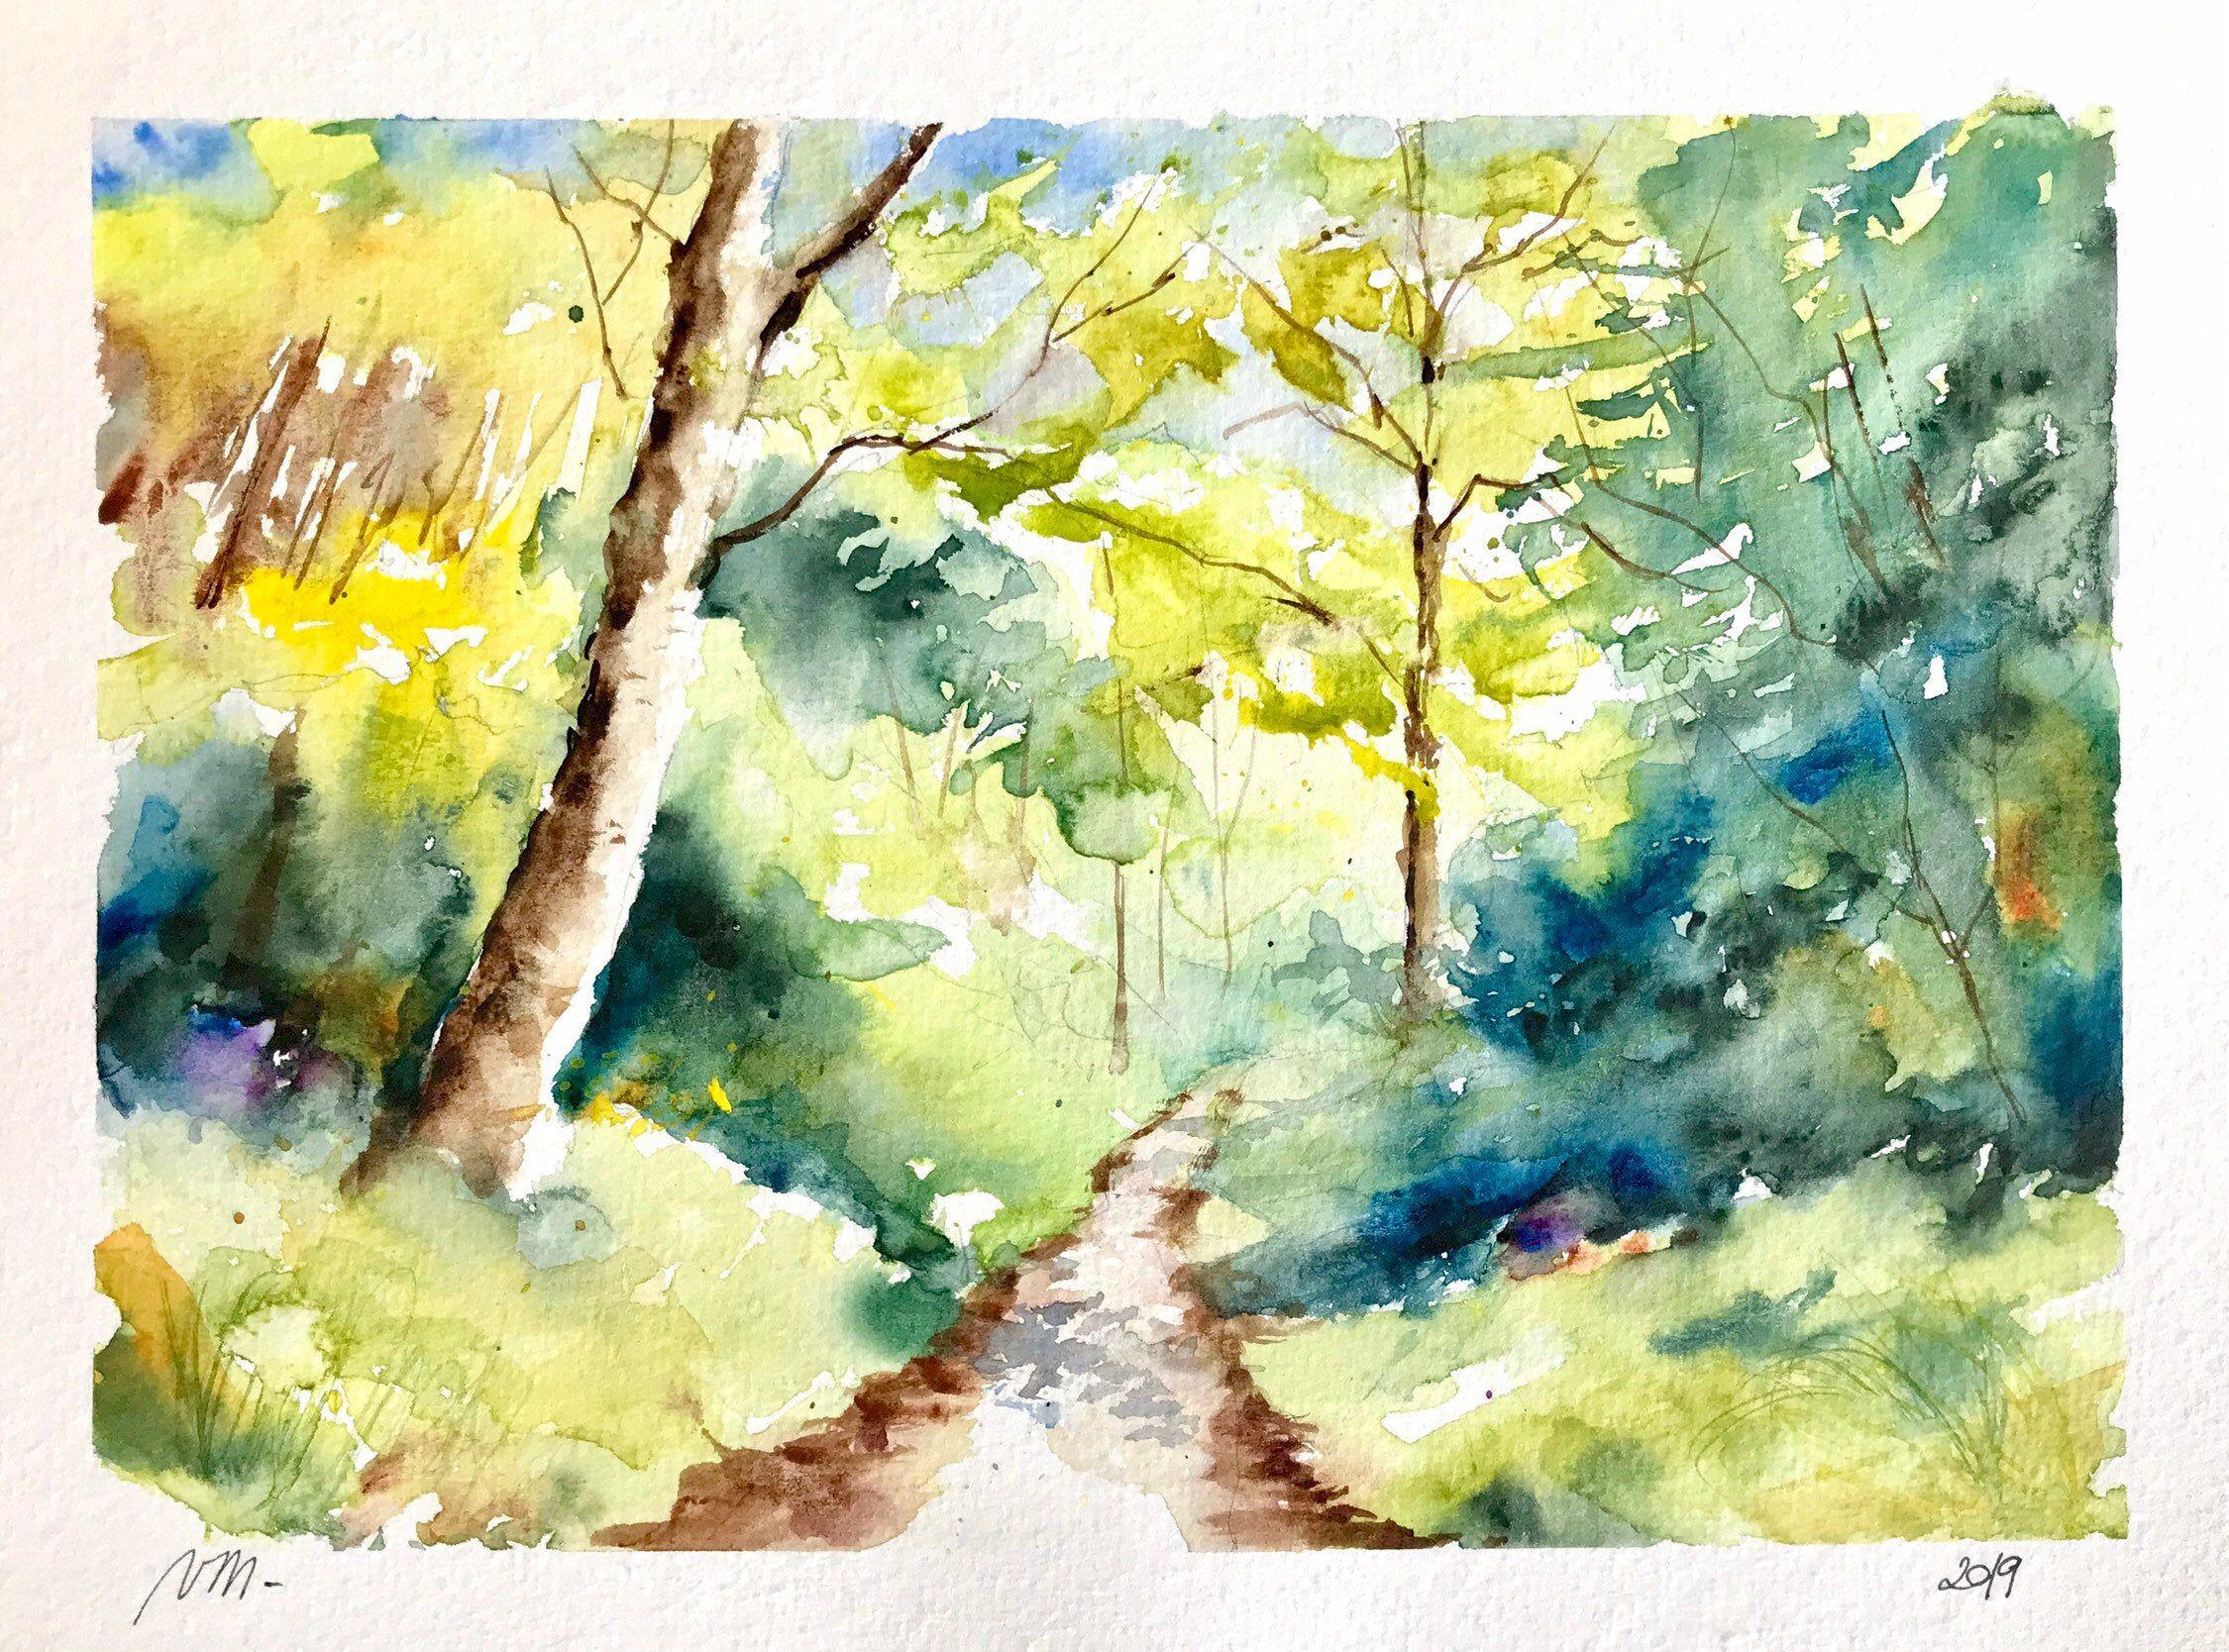 Aquarelle Peinture Originale Chemin En Foret Paysage Au